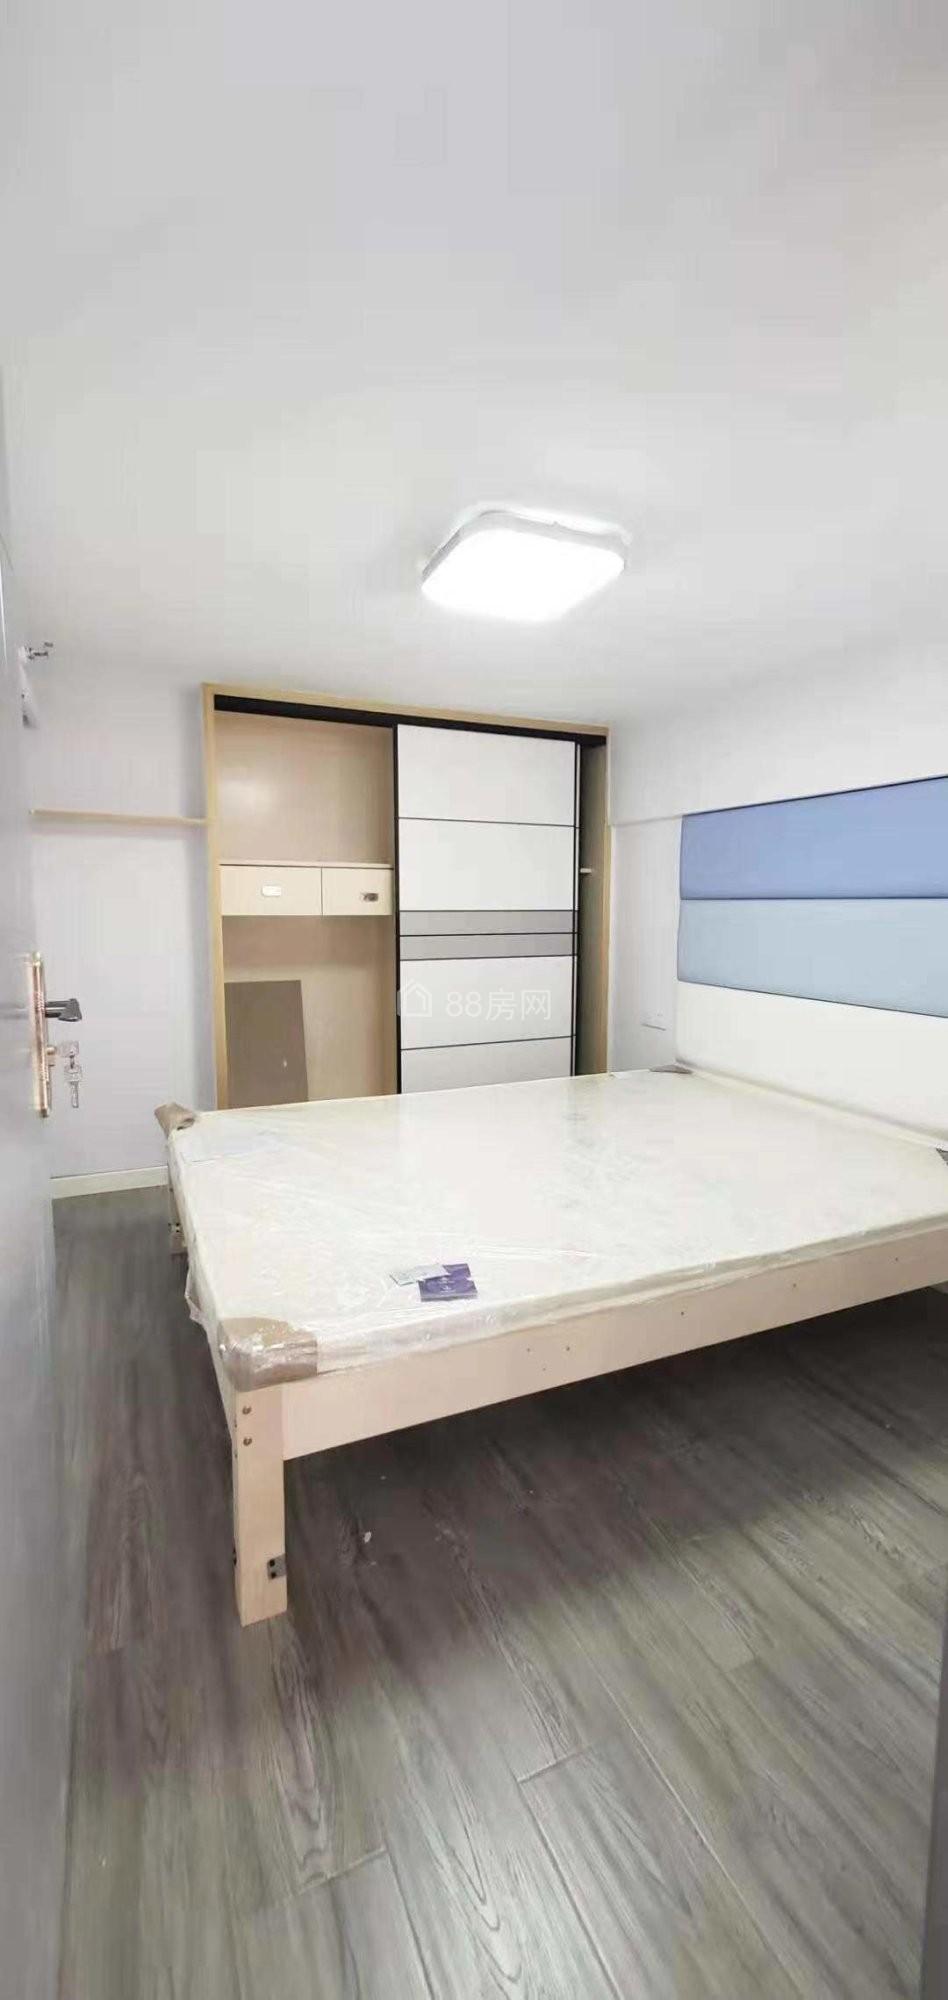 精装loft公寓 2室一厅 蜗牛广场旁 商业综合体旁